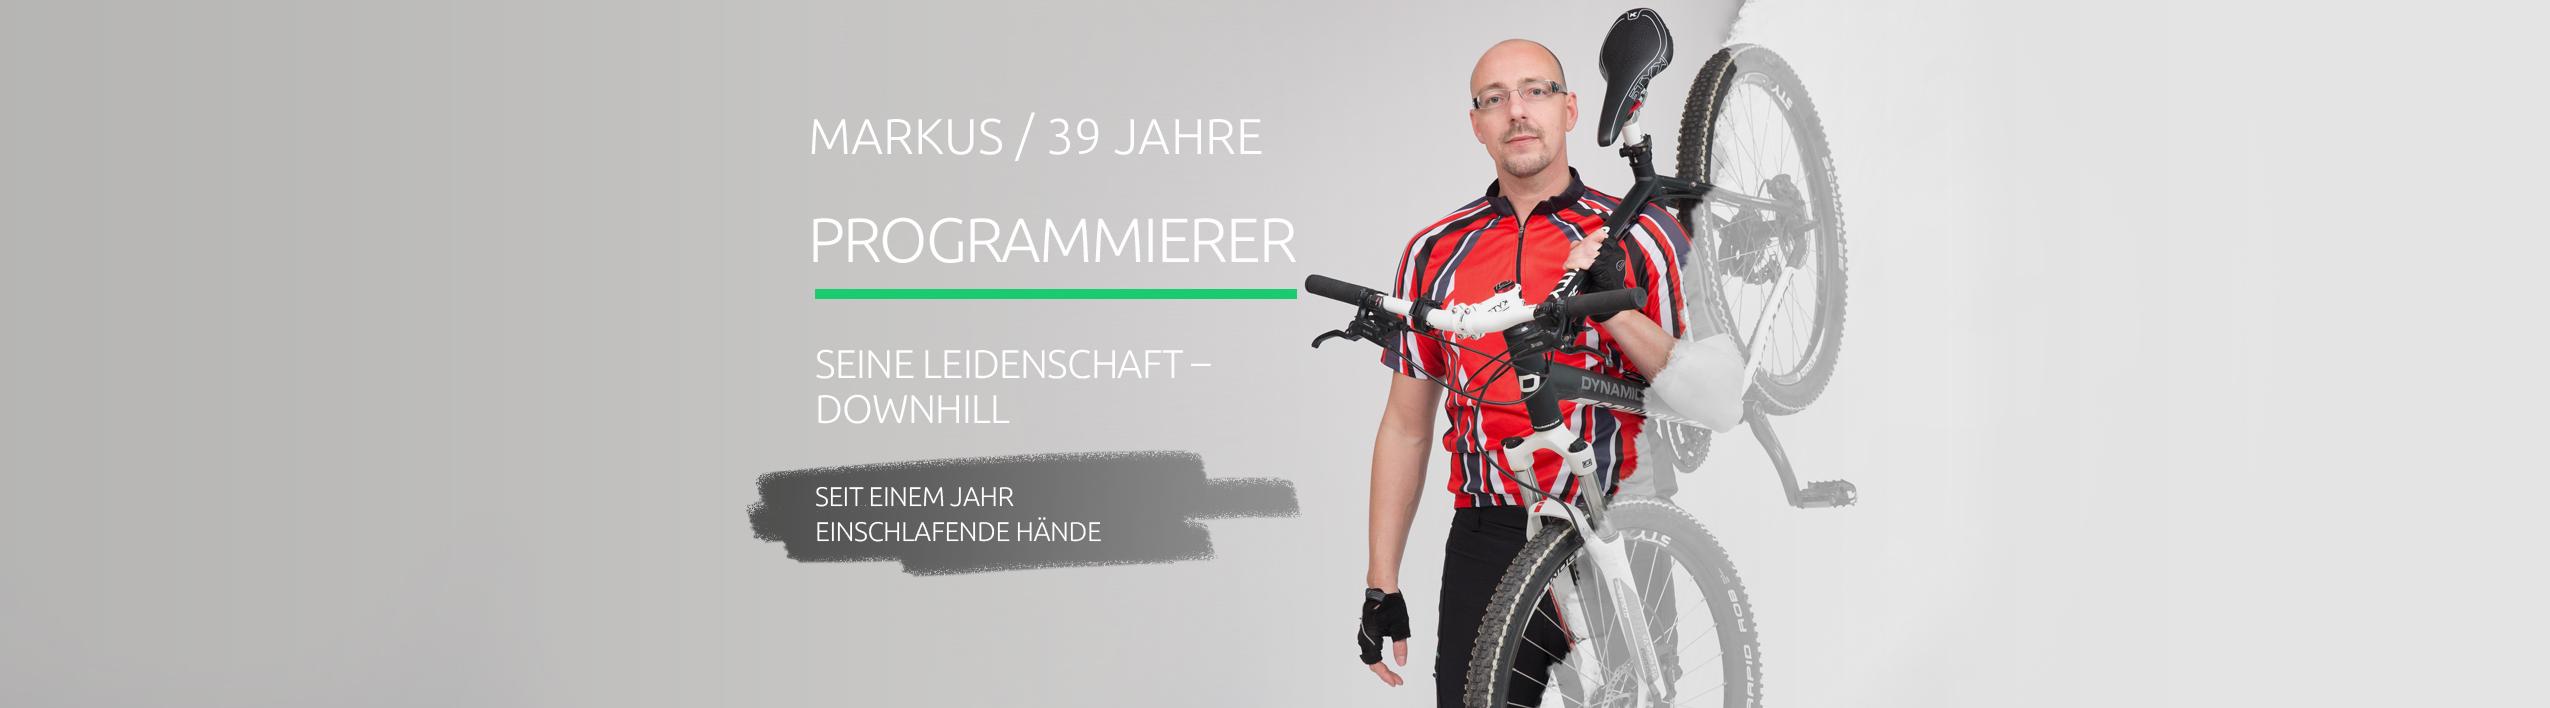 header_biker